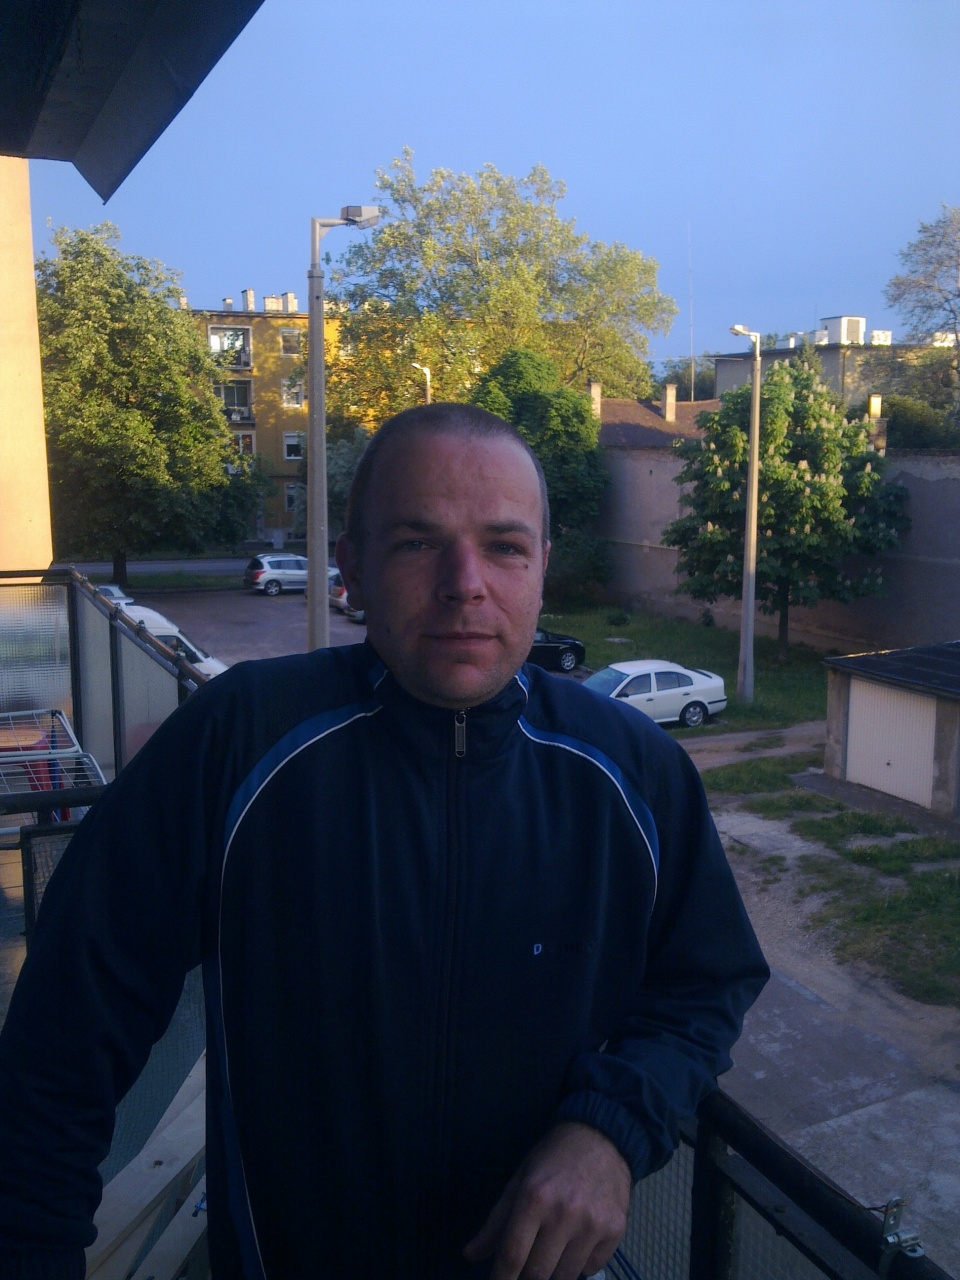 fccla dinamikus társkereső fórum online társkereső Ukrajna